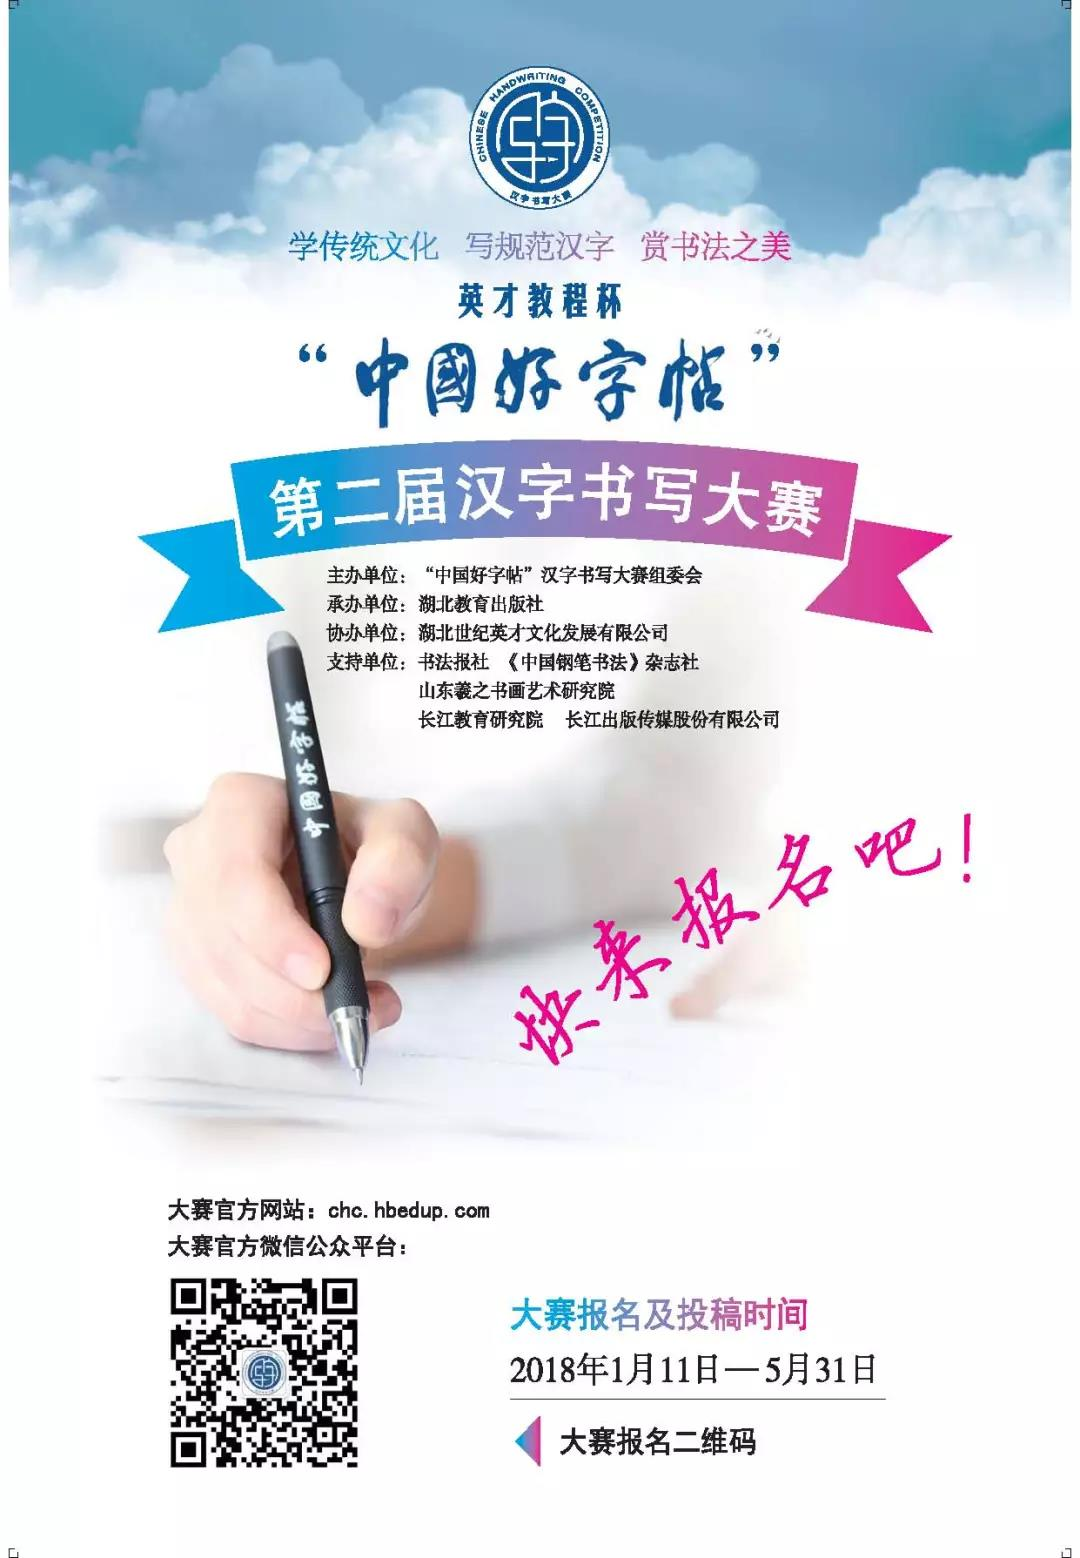 """英才教程杯""""中国好字帖""""第二届汉字书写大赛1.11开锣"""